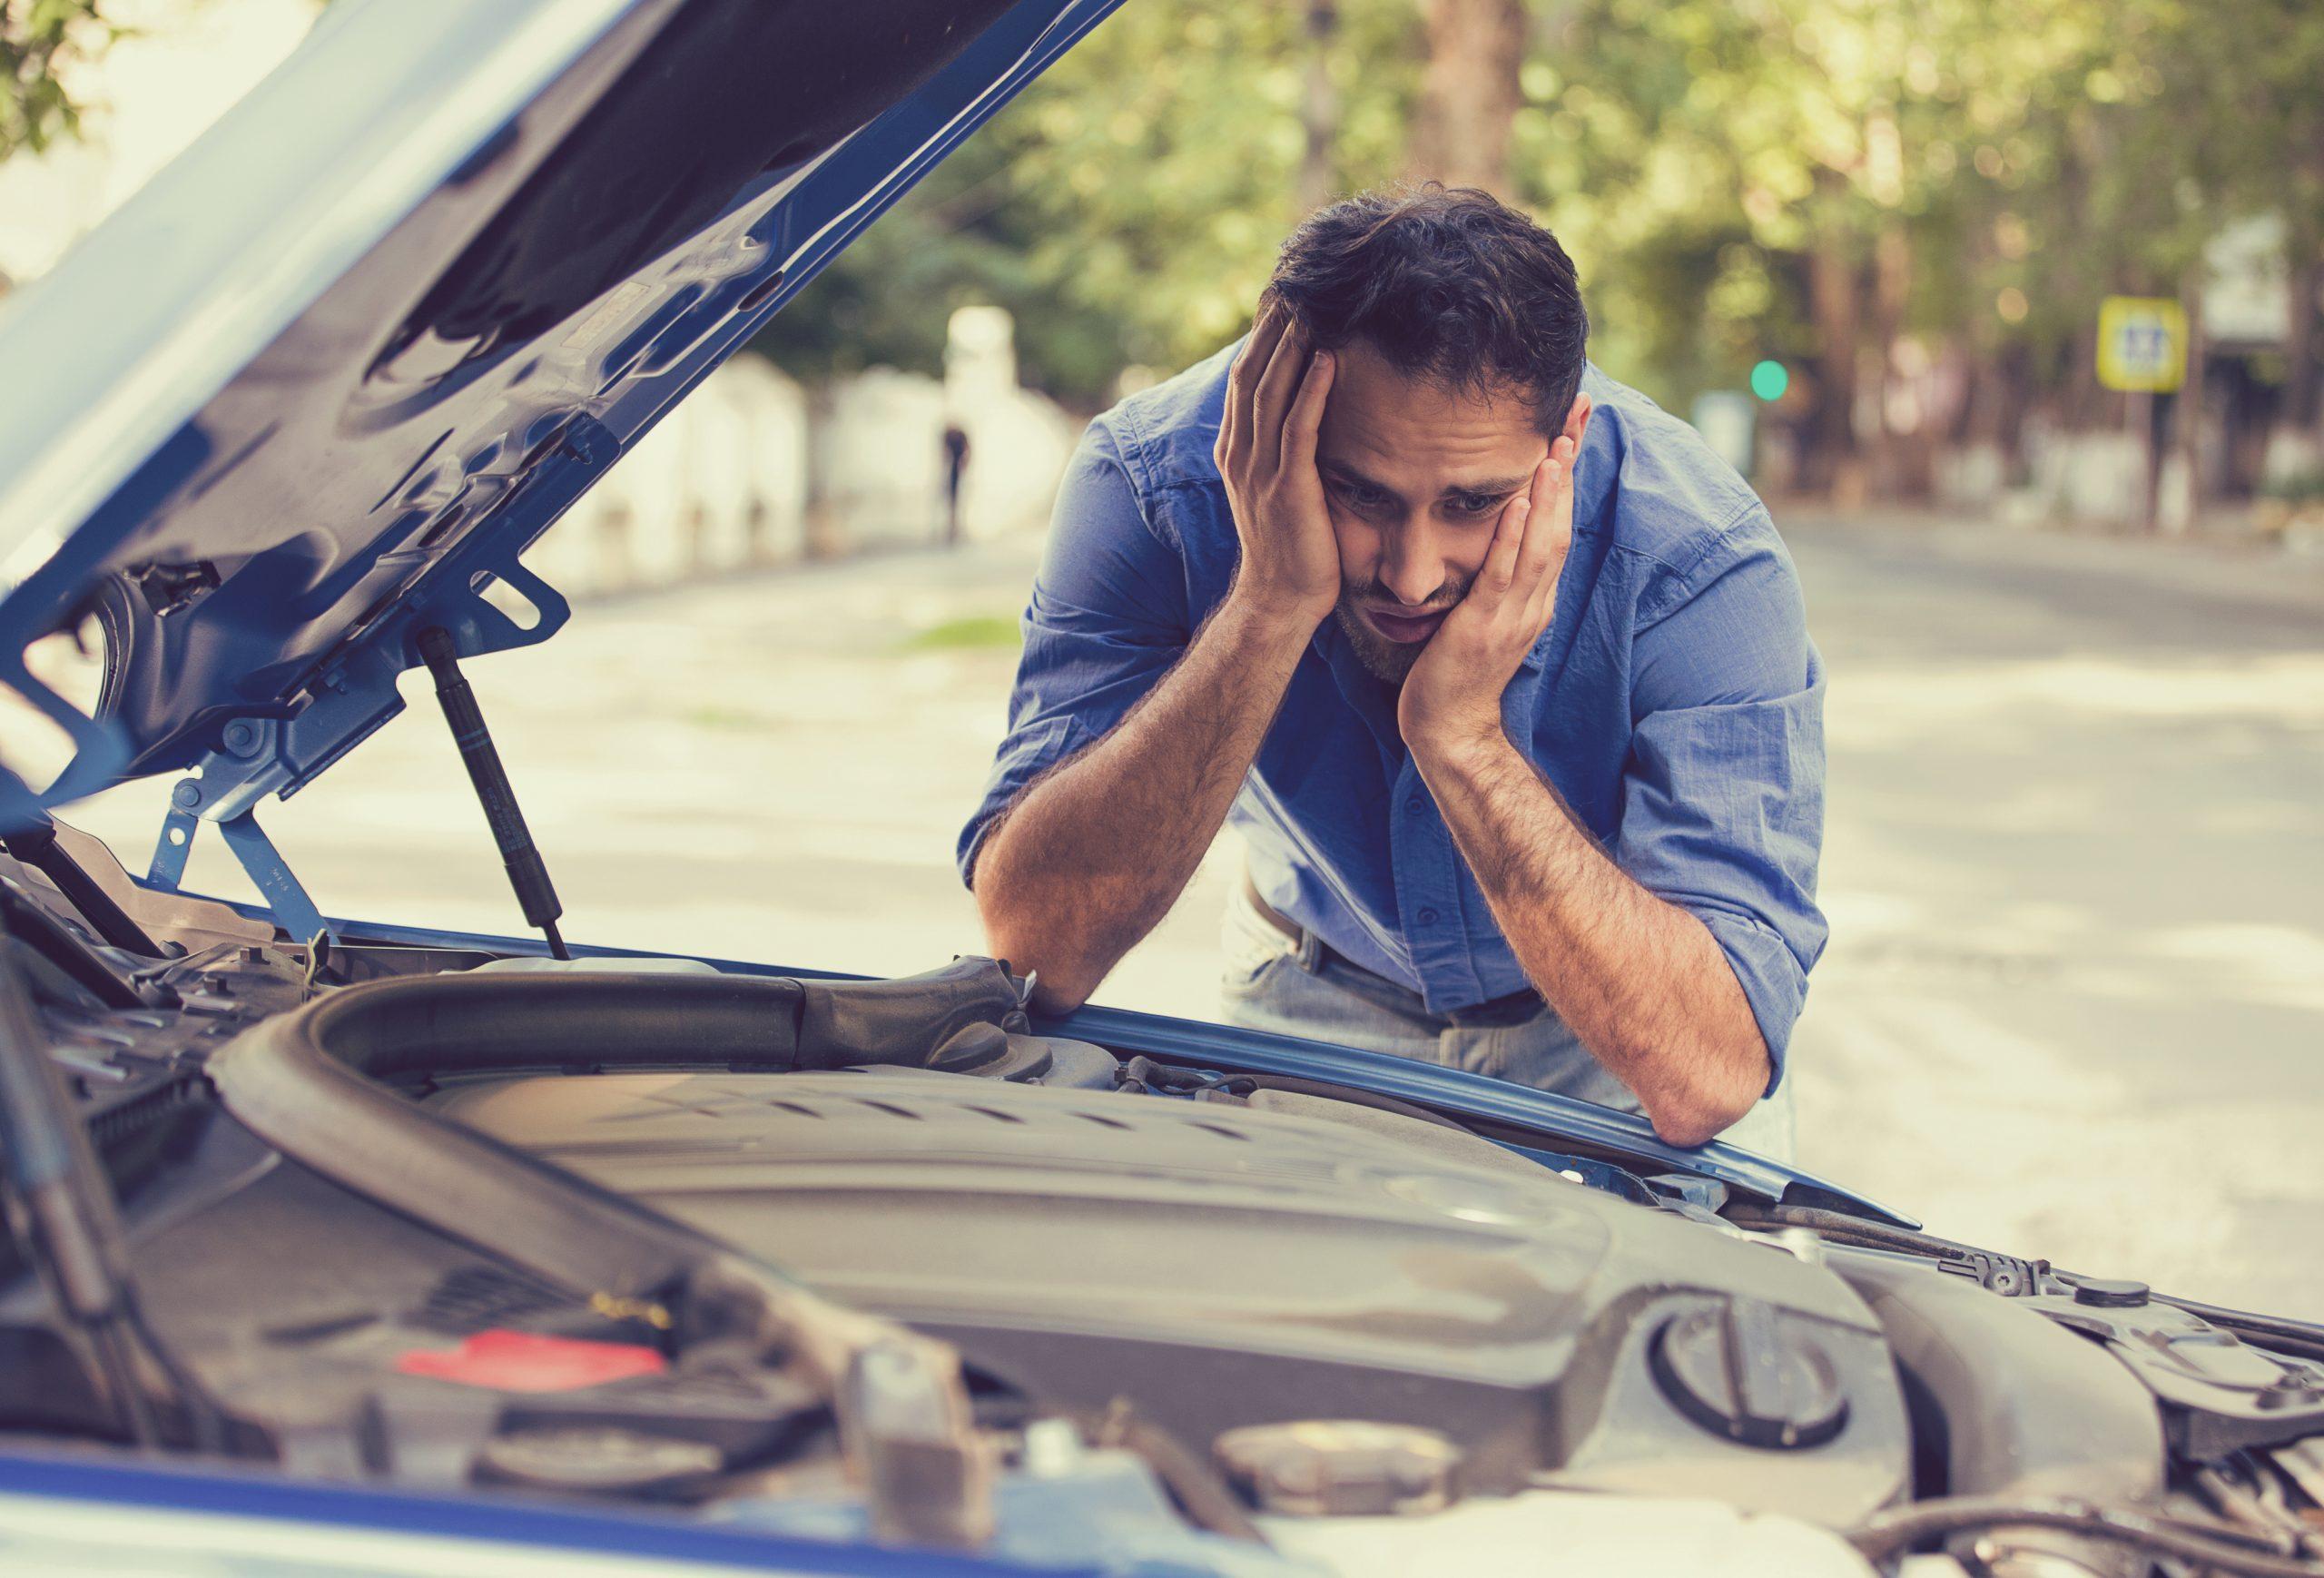 motorista chateado com carro quebrado